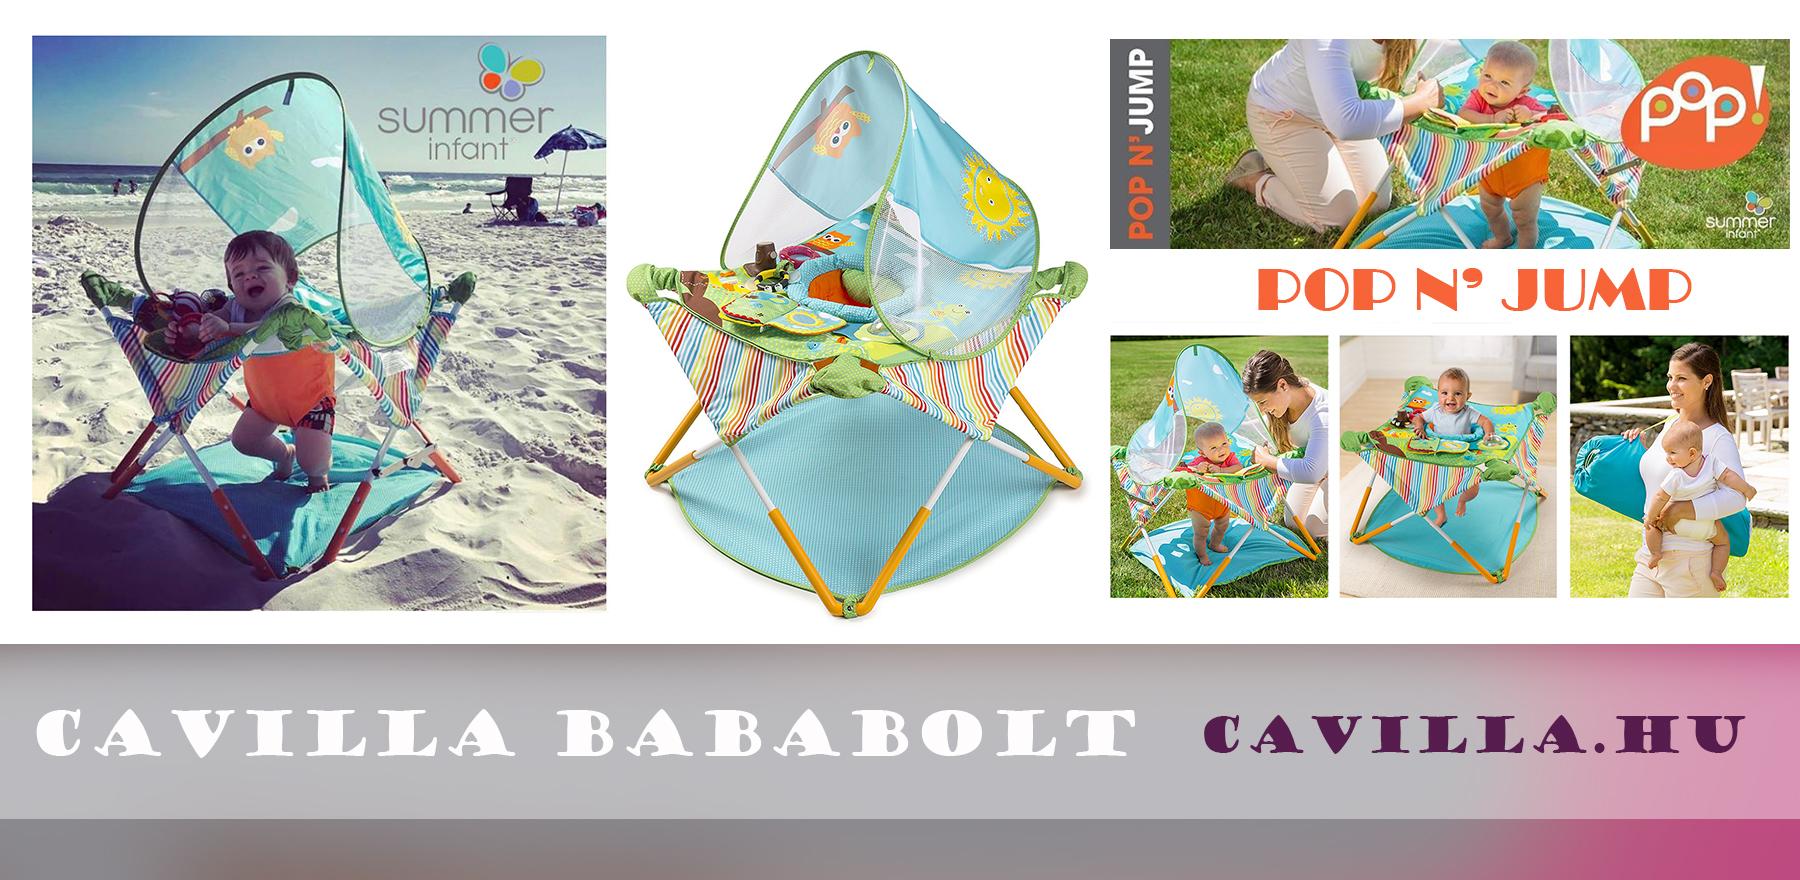 Summer Infant - Termékek márkák szerint - Cavilla Bababolt 1166afbcec